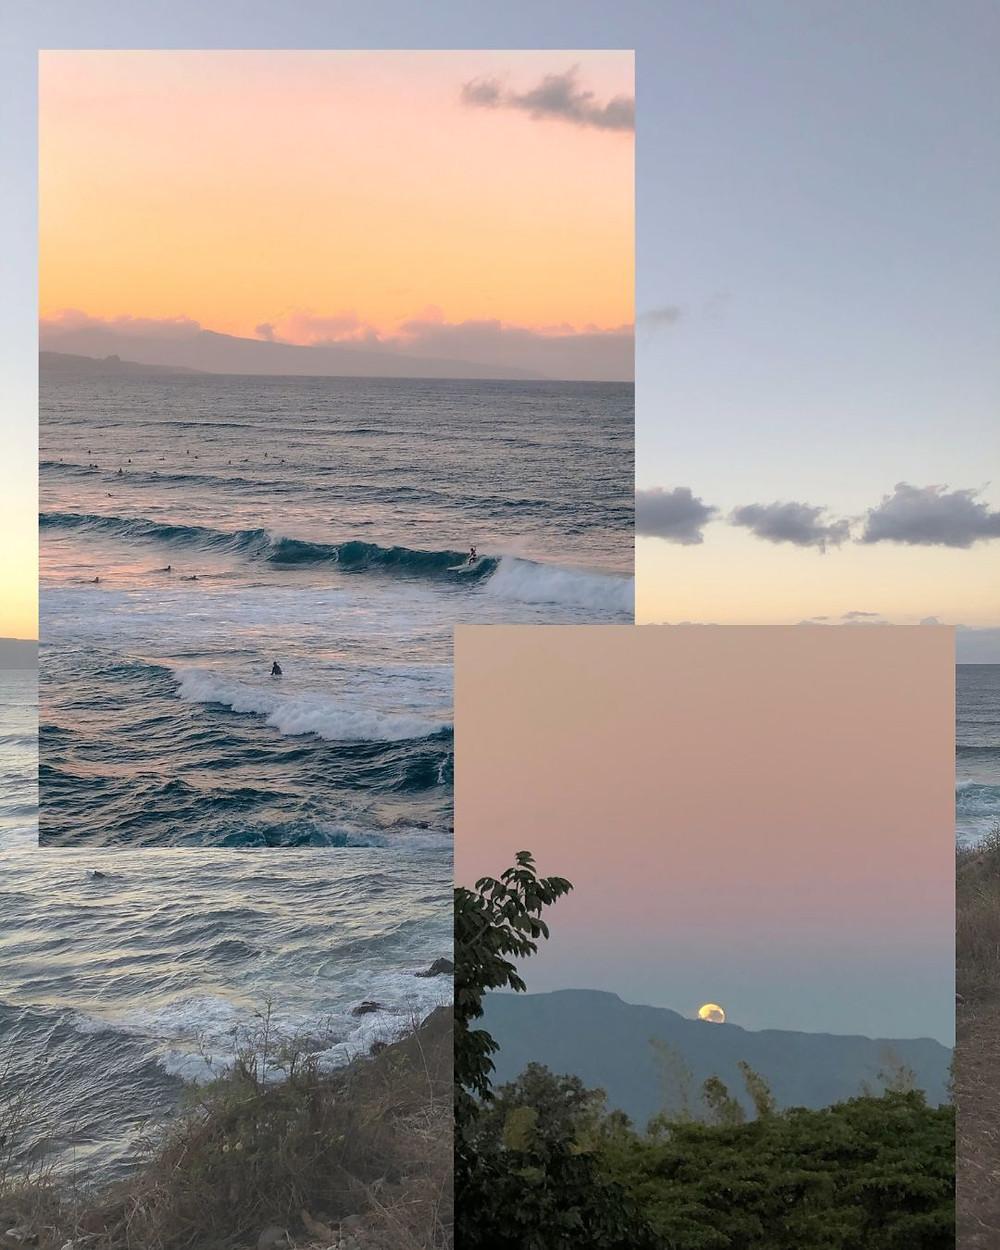 マウイ島旅行、おススメ観光スポット、ホオキパ、サーフィン